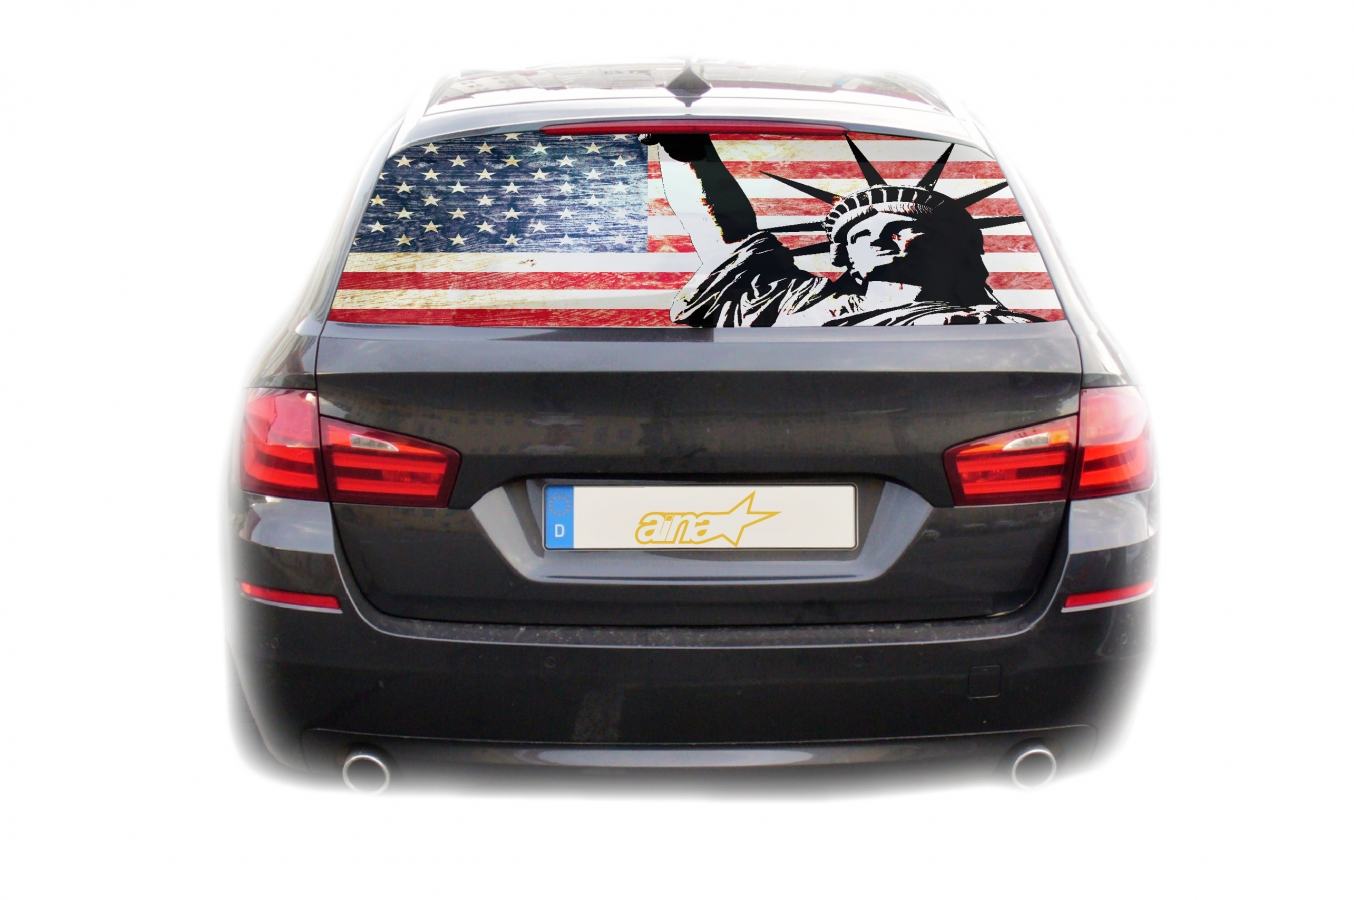 Auto Kfz Heckscheibe Fenster Aufkleber Sticker Usa Amerika